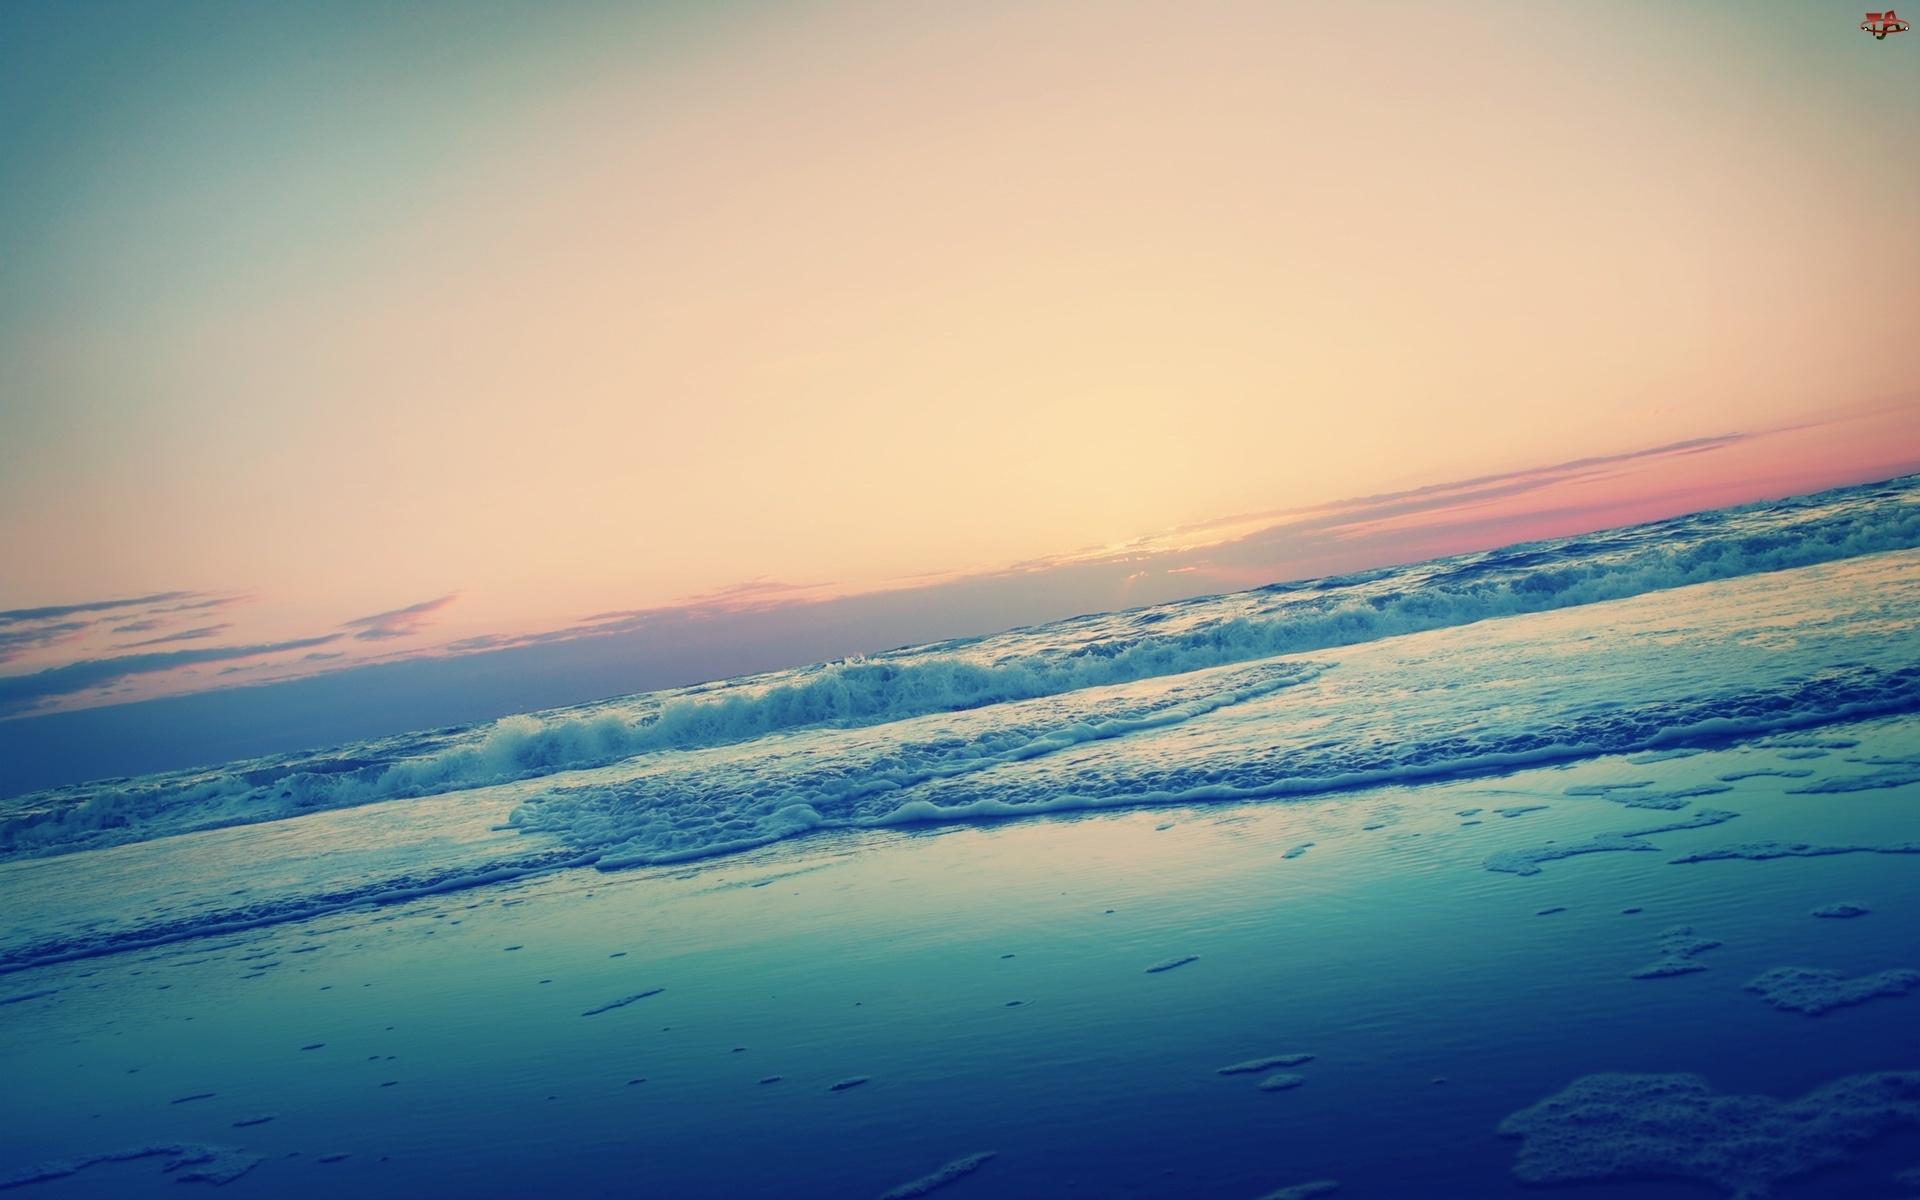 Morze, Horyzont, Plaża, Brzeg